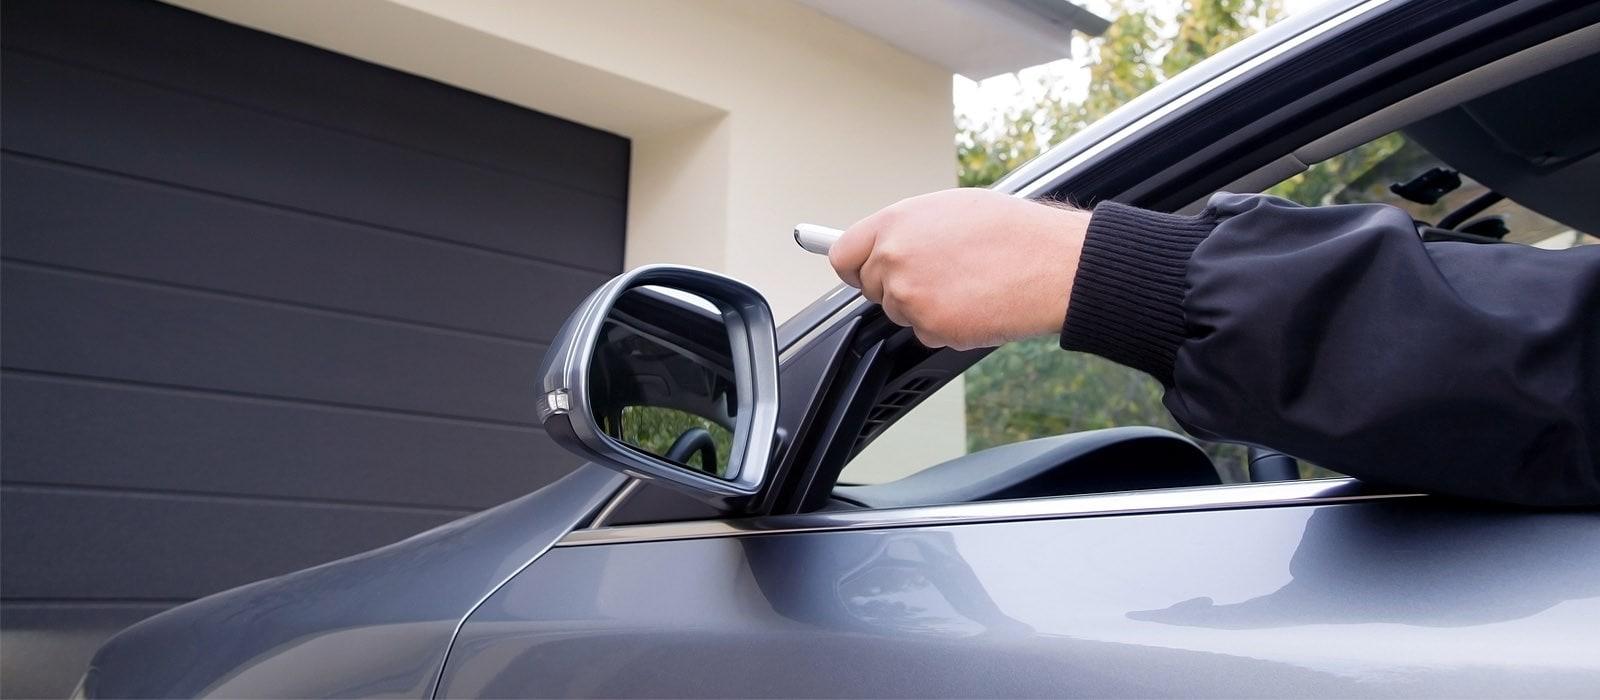 Dream garage door garage door repairs garage door for Garage door repair santa monica